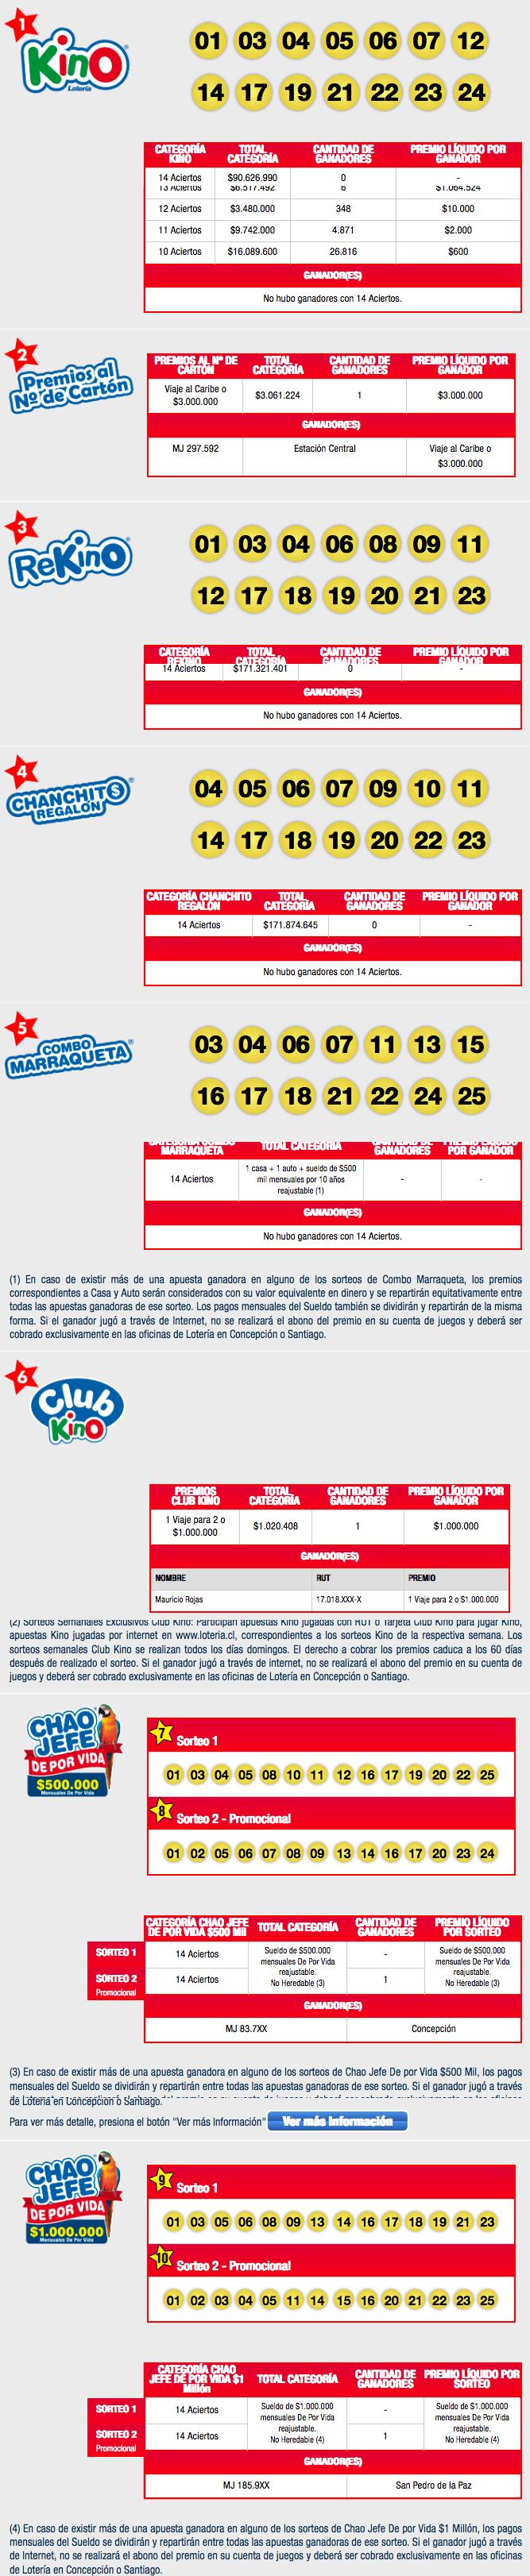 Resultados Kino Chile Sorteo 2137